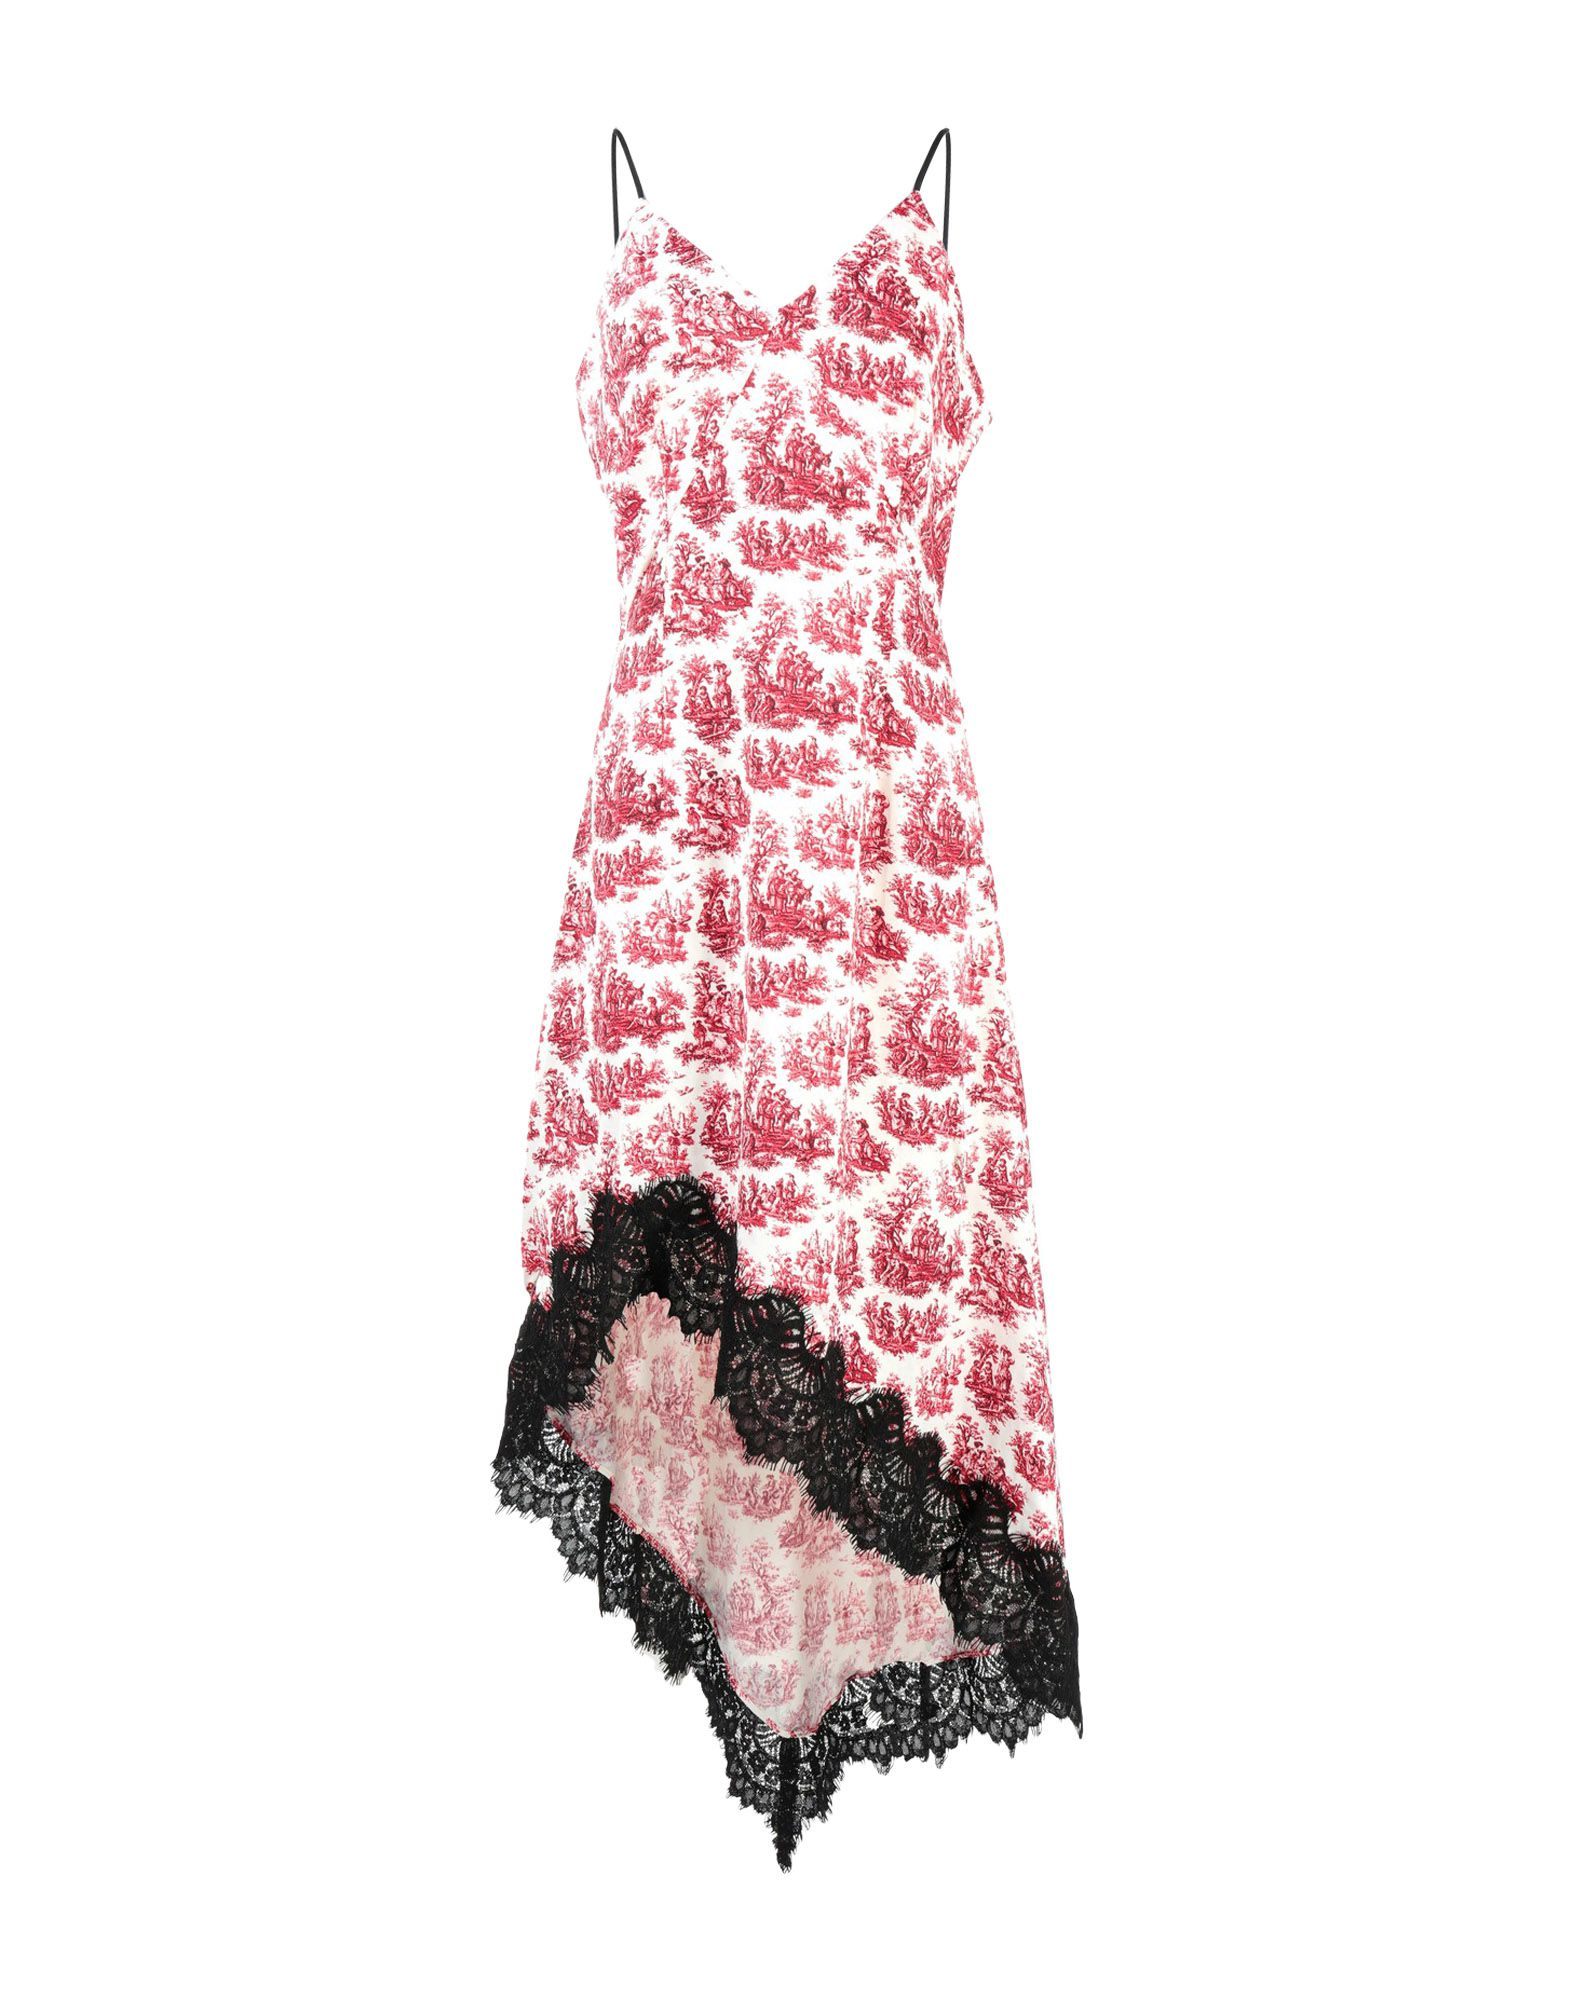 SH by SILVIAN HEACH Платье до колена платье без рукавов с кружевной вставкой на спинке